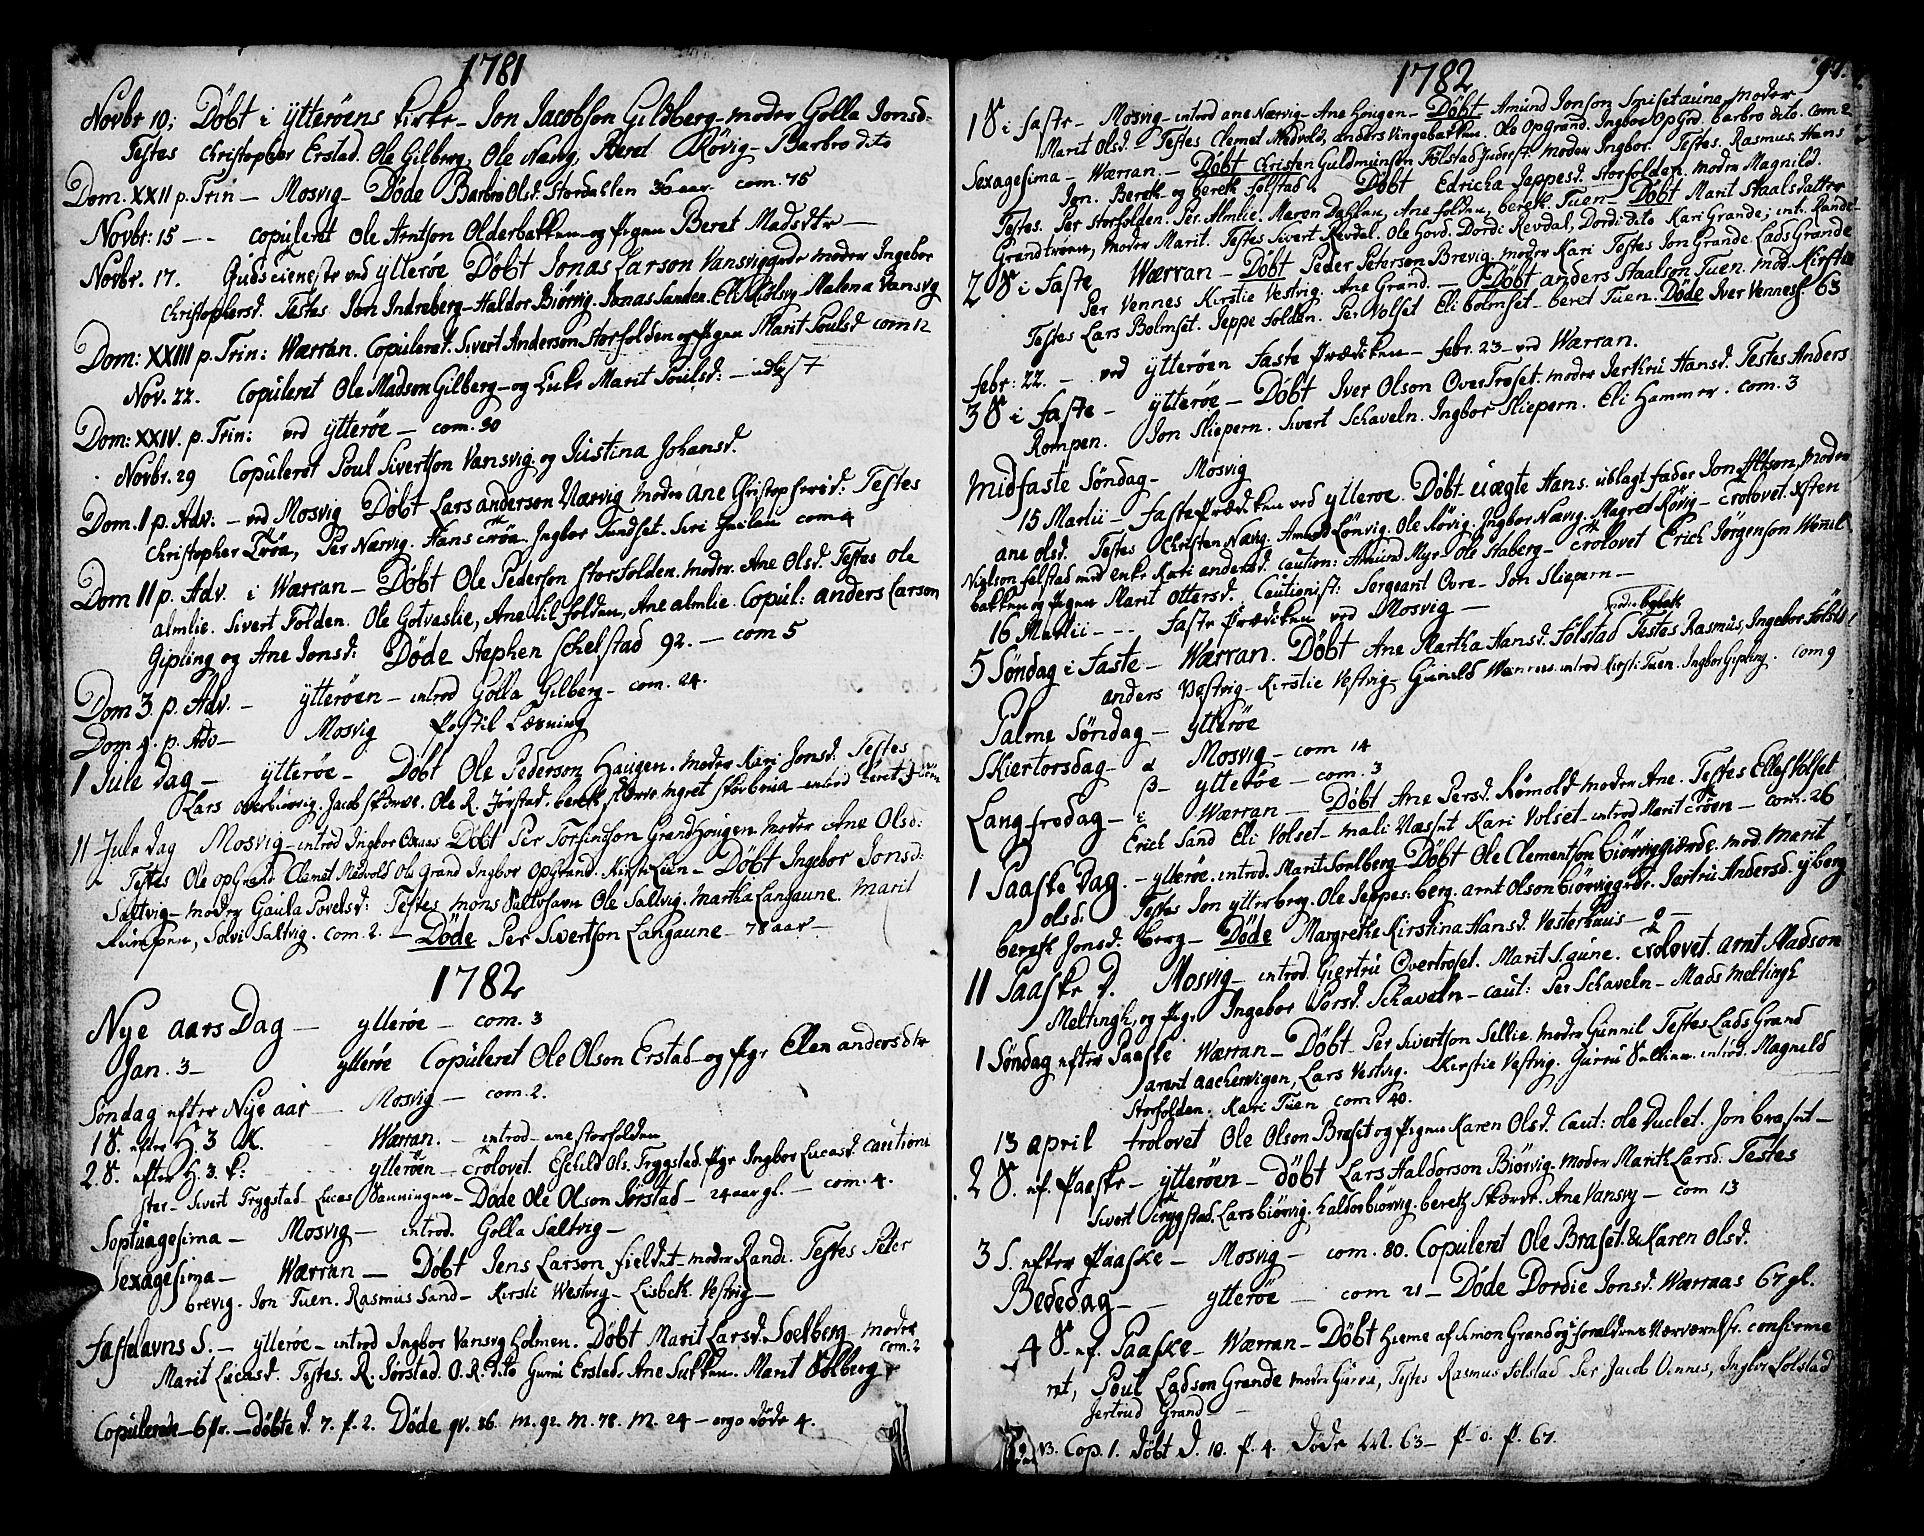 SAT, Ministerialprotokoller, klokkerbøker og fødselsregistre - Nord-Trøndelag, 722/L0216: Ministerialbok nr. 722A03, 1756-1816, s. 97